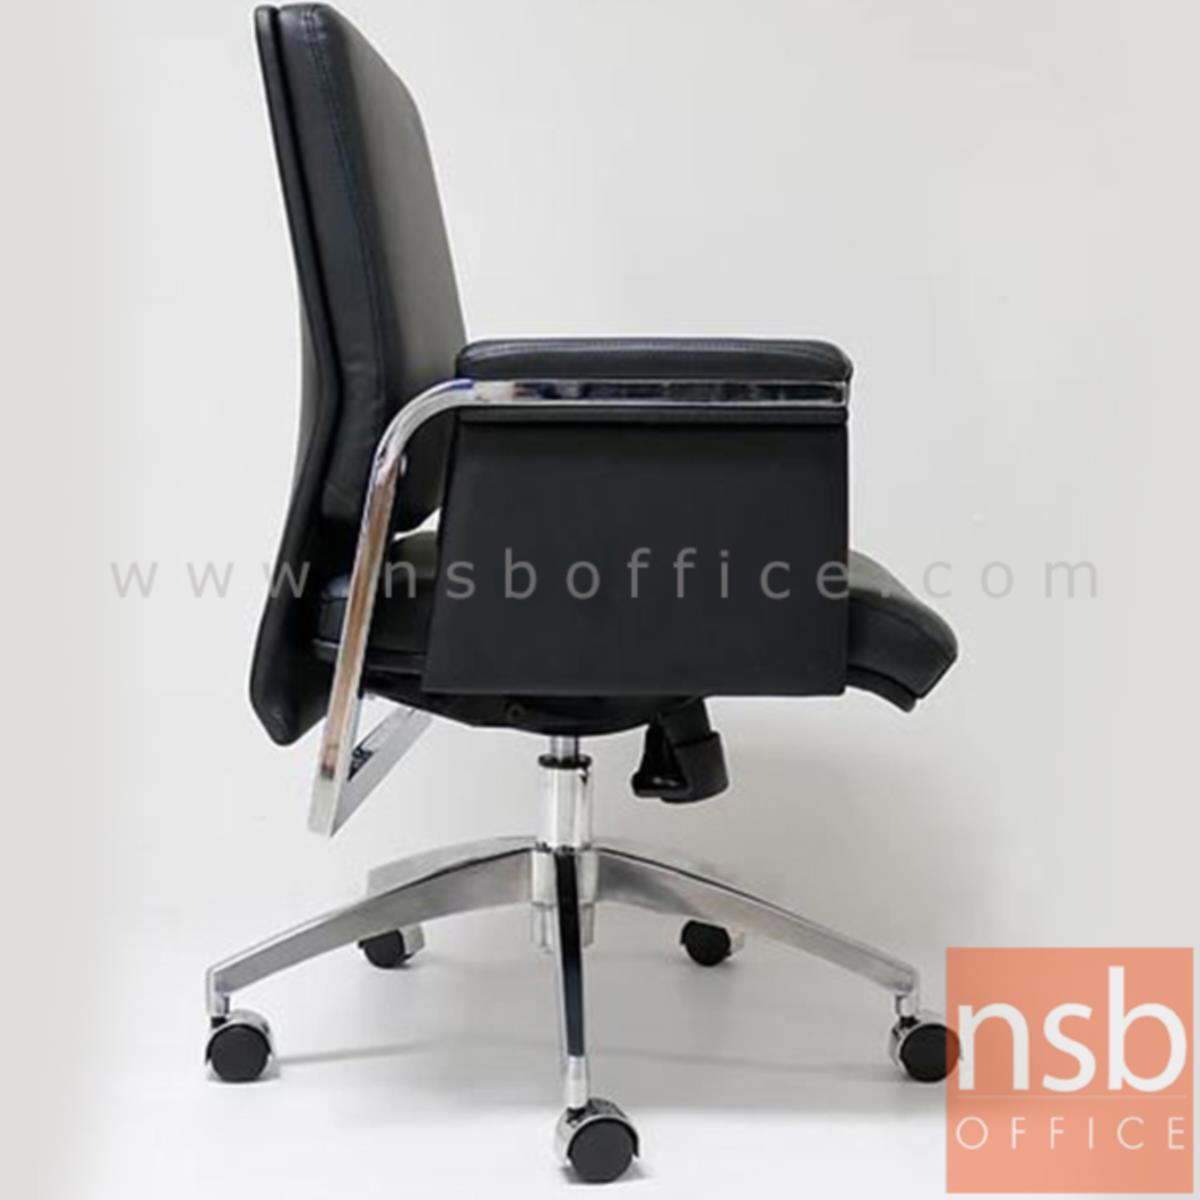 เก้าอี้สำนักงาน รุ่น Levesque (เลเวสก์)  โช๊คแก๊ส มีก้อนโยก ขาเหล็กชุบโครเมี่ยม